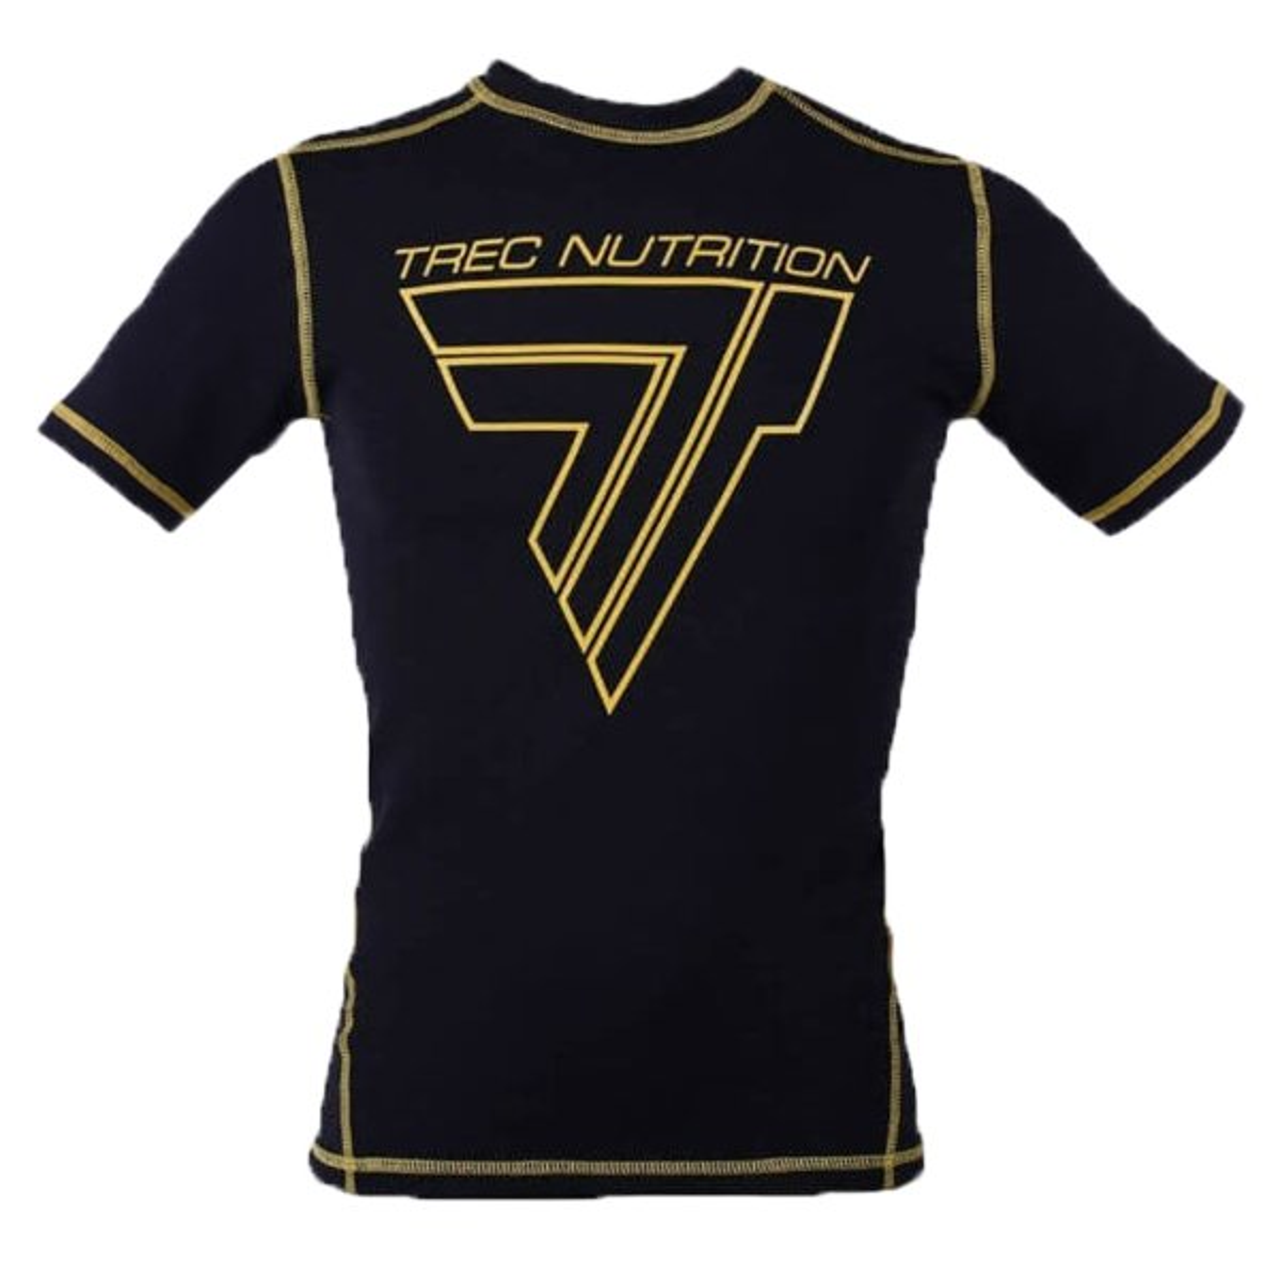 تی شرت ورزشی مردانه ترک ویر مدل Rash 010 Black